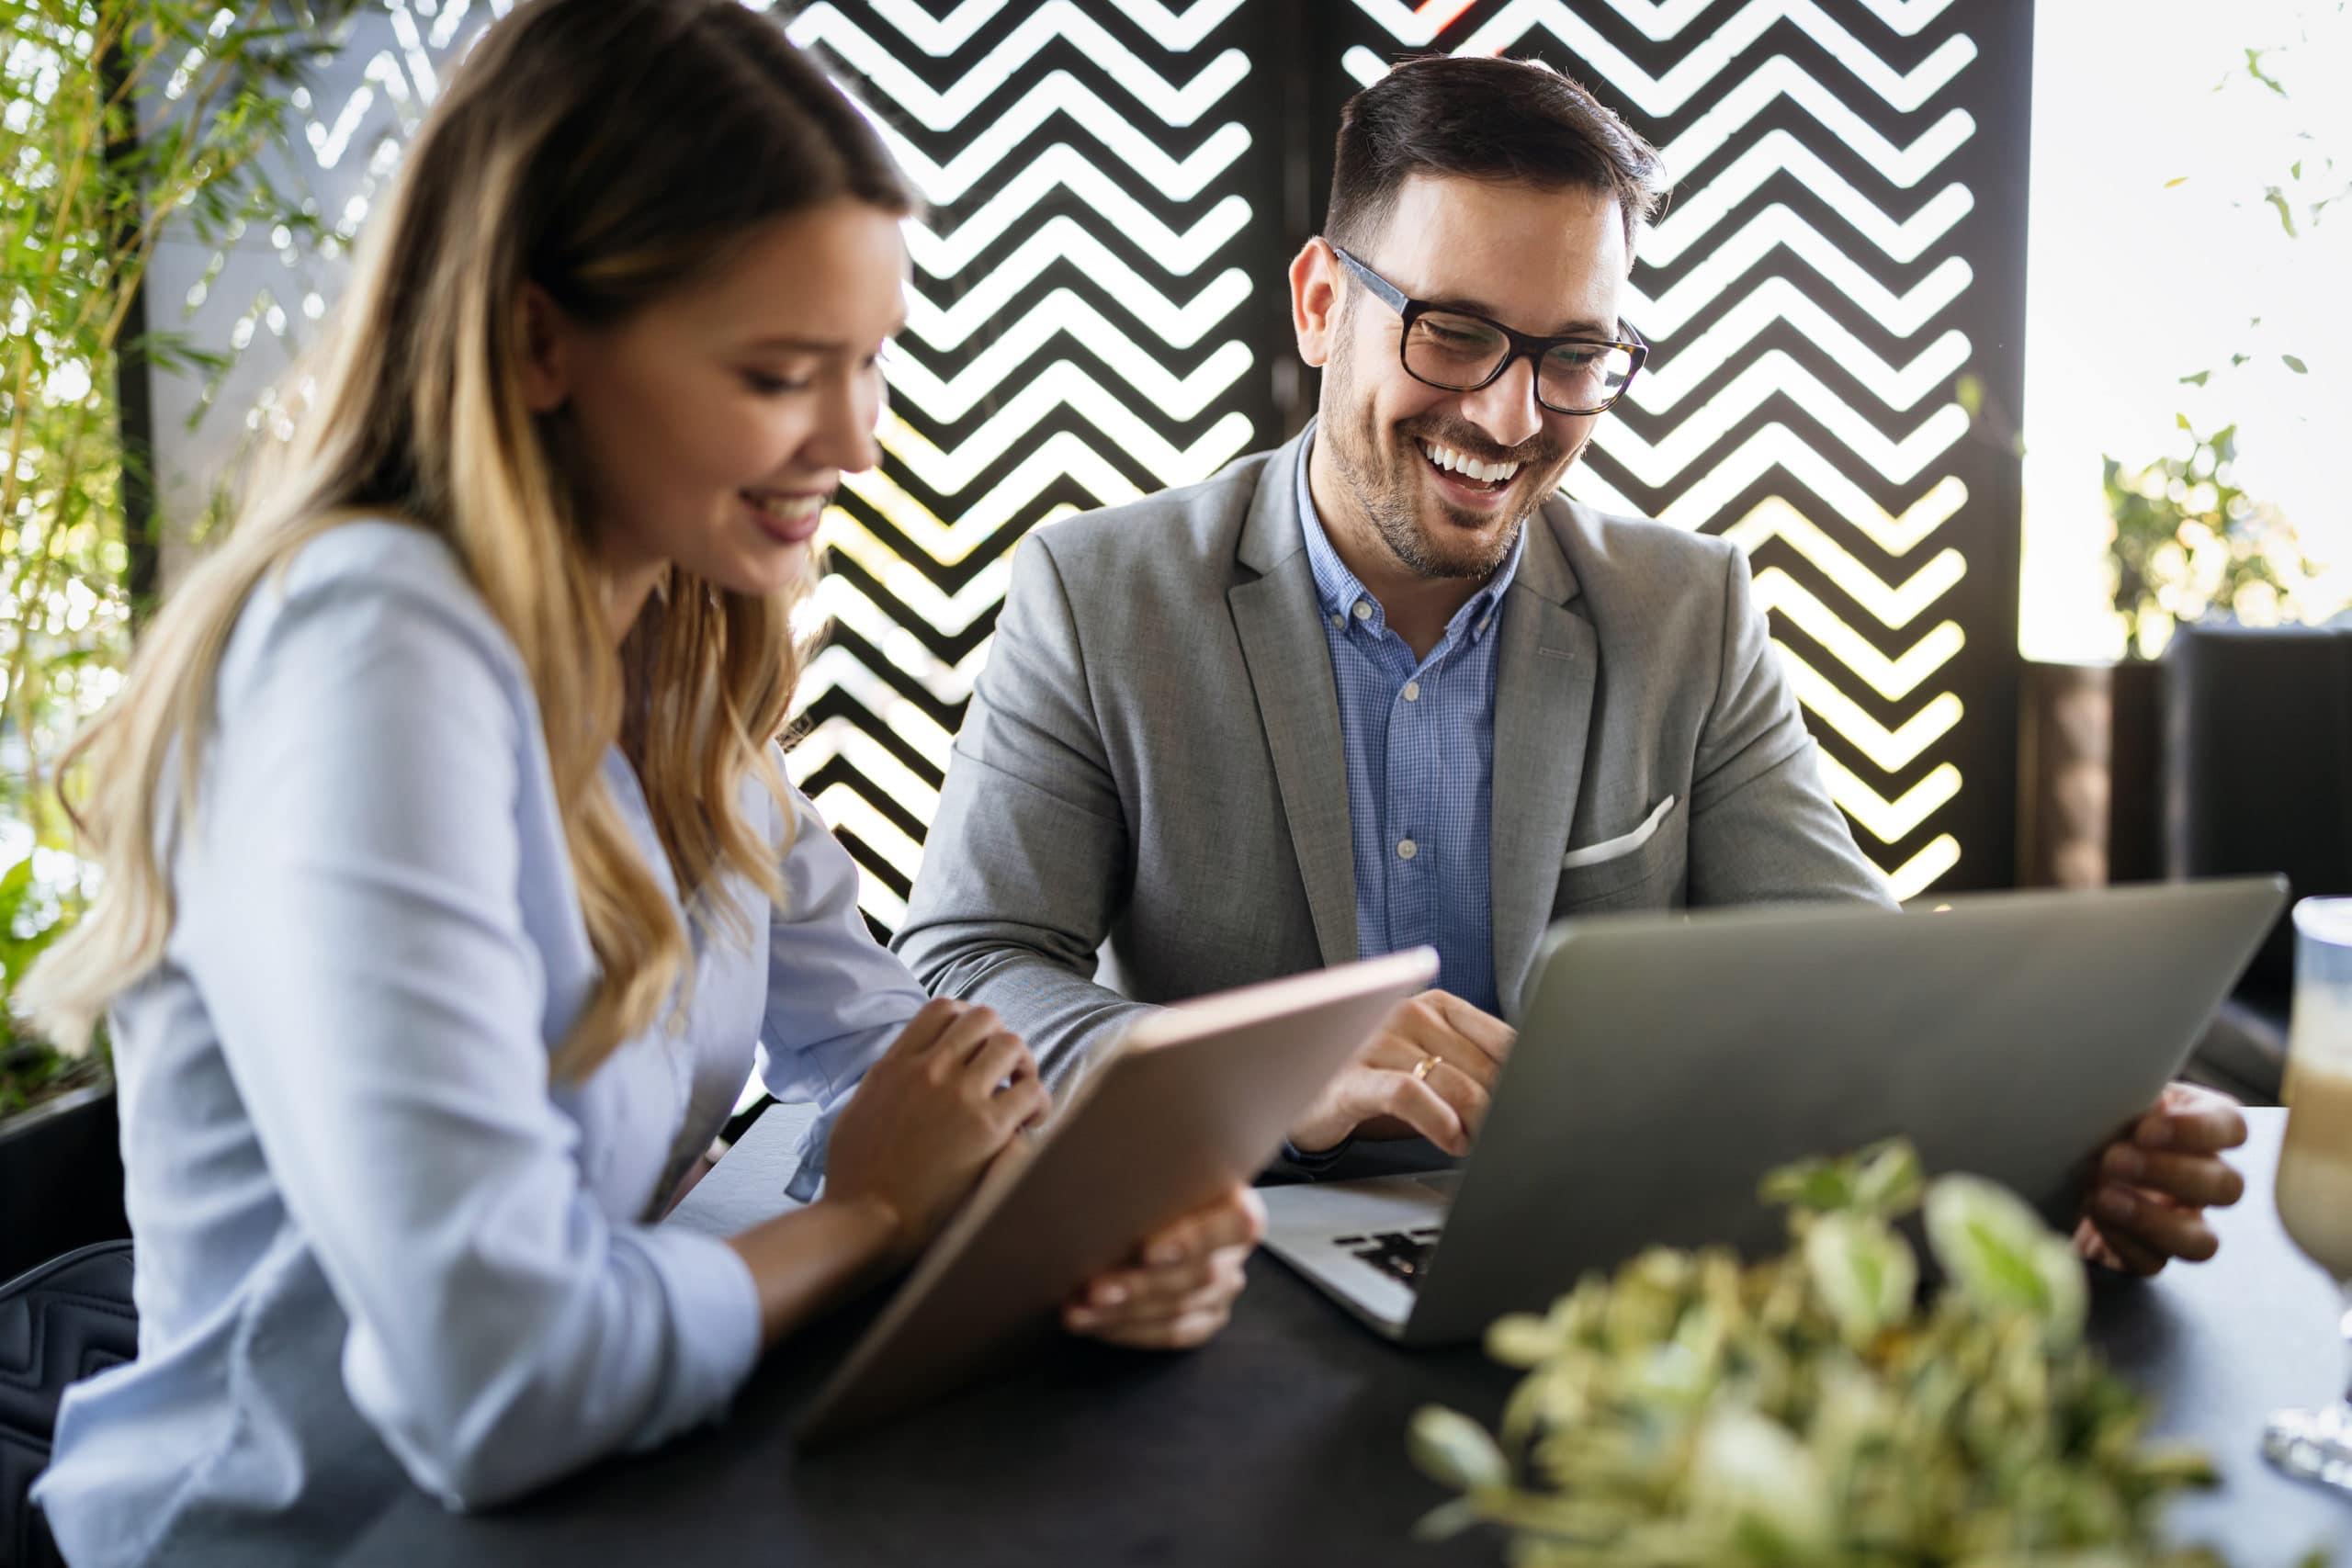 Två kollegor, man och kvinna arbetar glatt vid dator och surfplatta på kontor